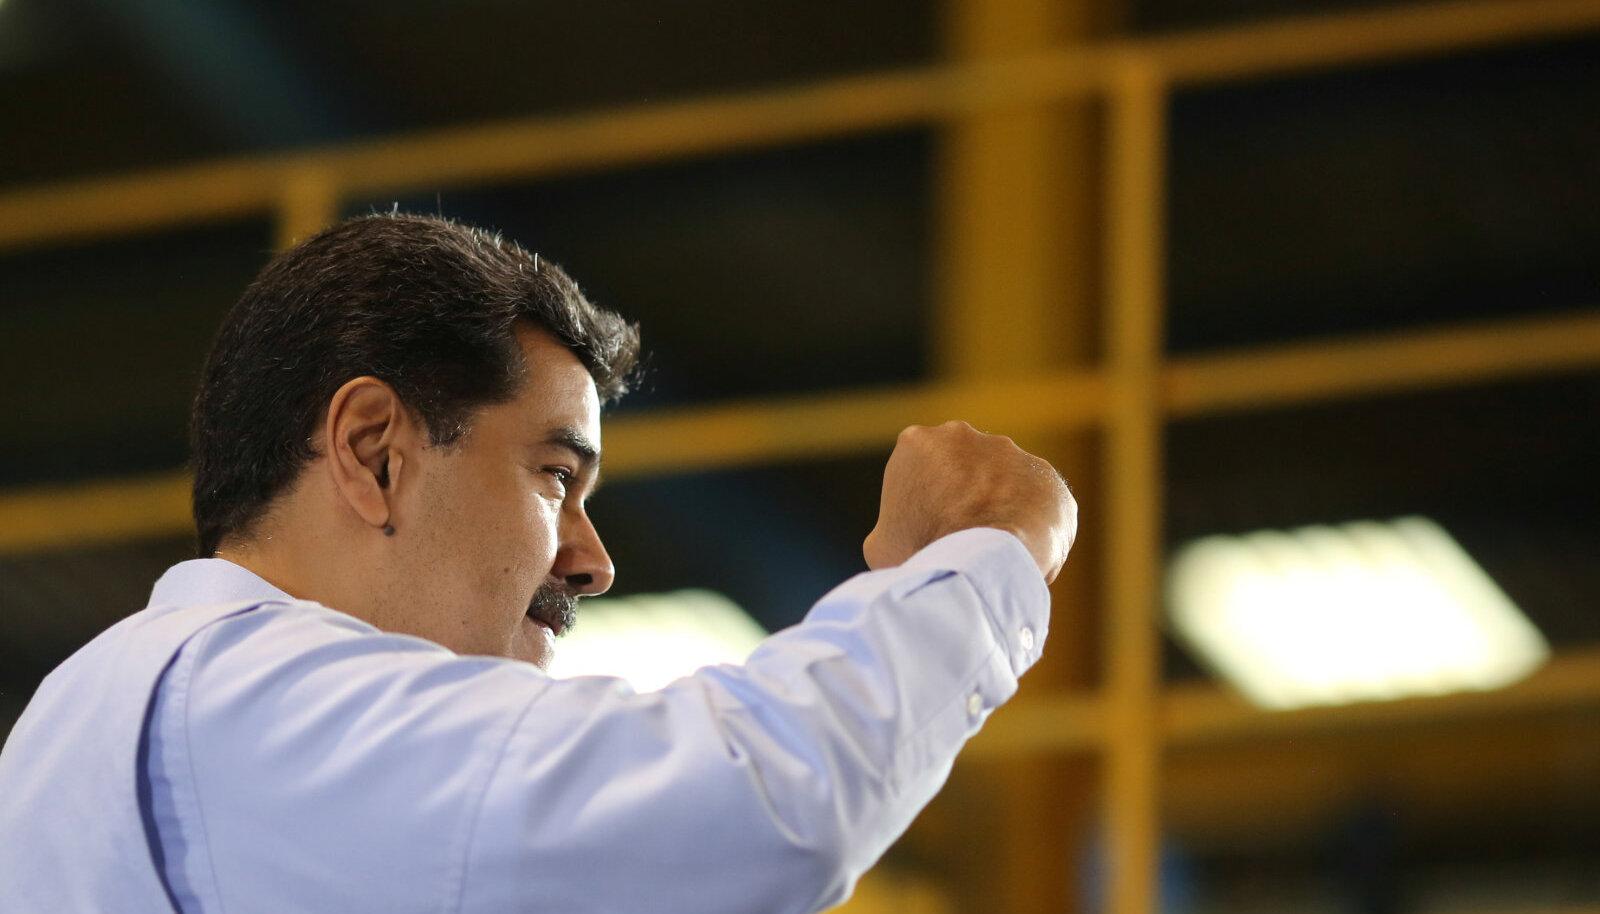 Kardetakse, et Maduro hakkab opositsiooni maha suruma